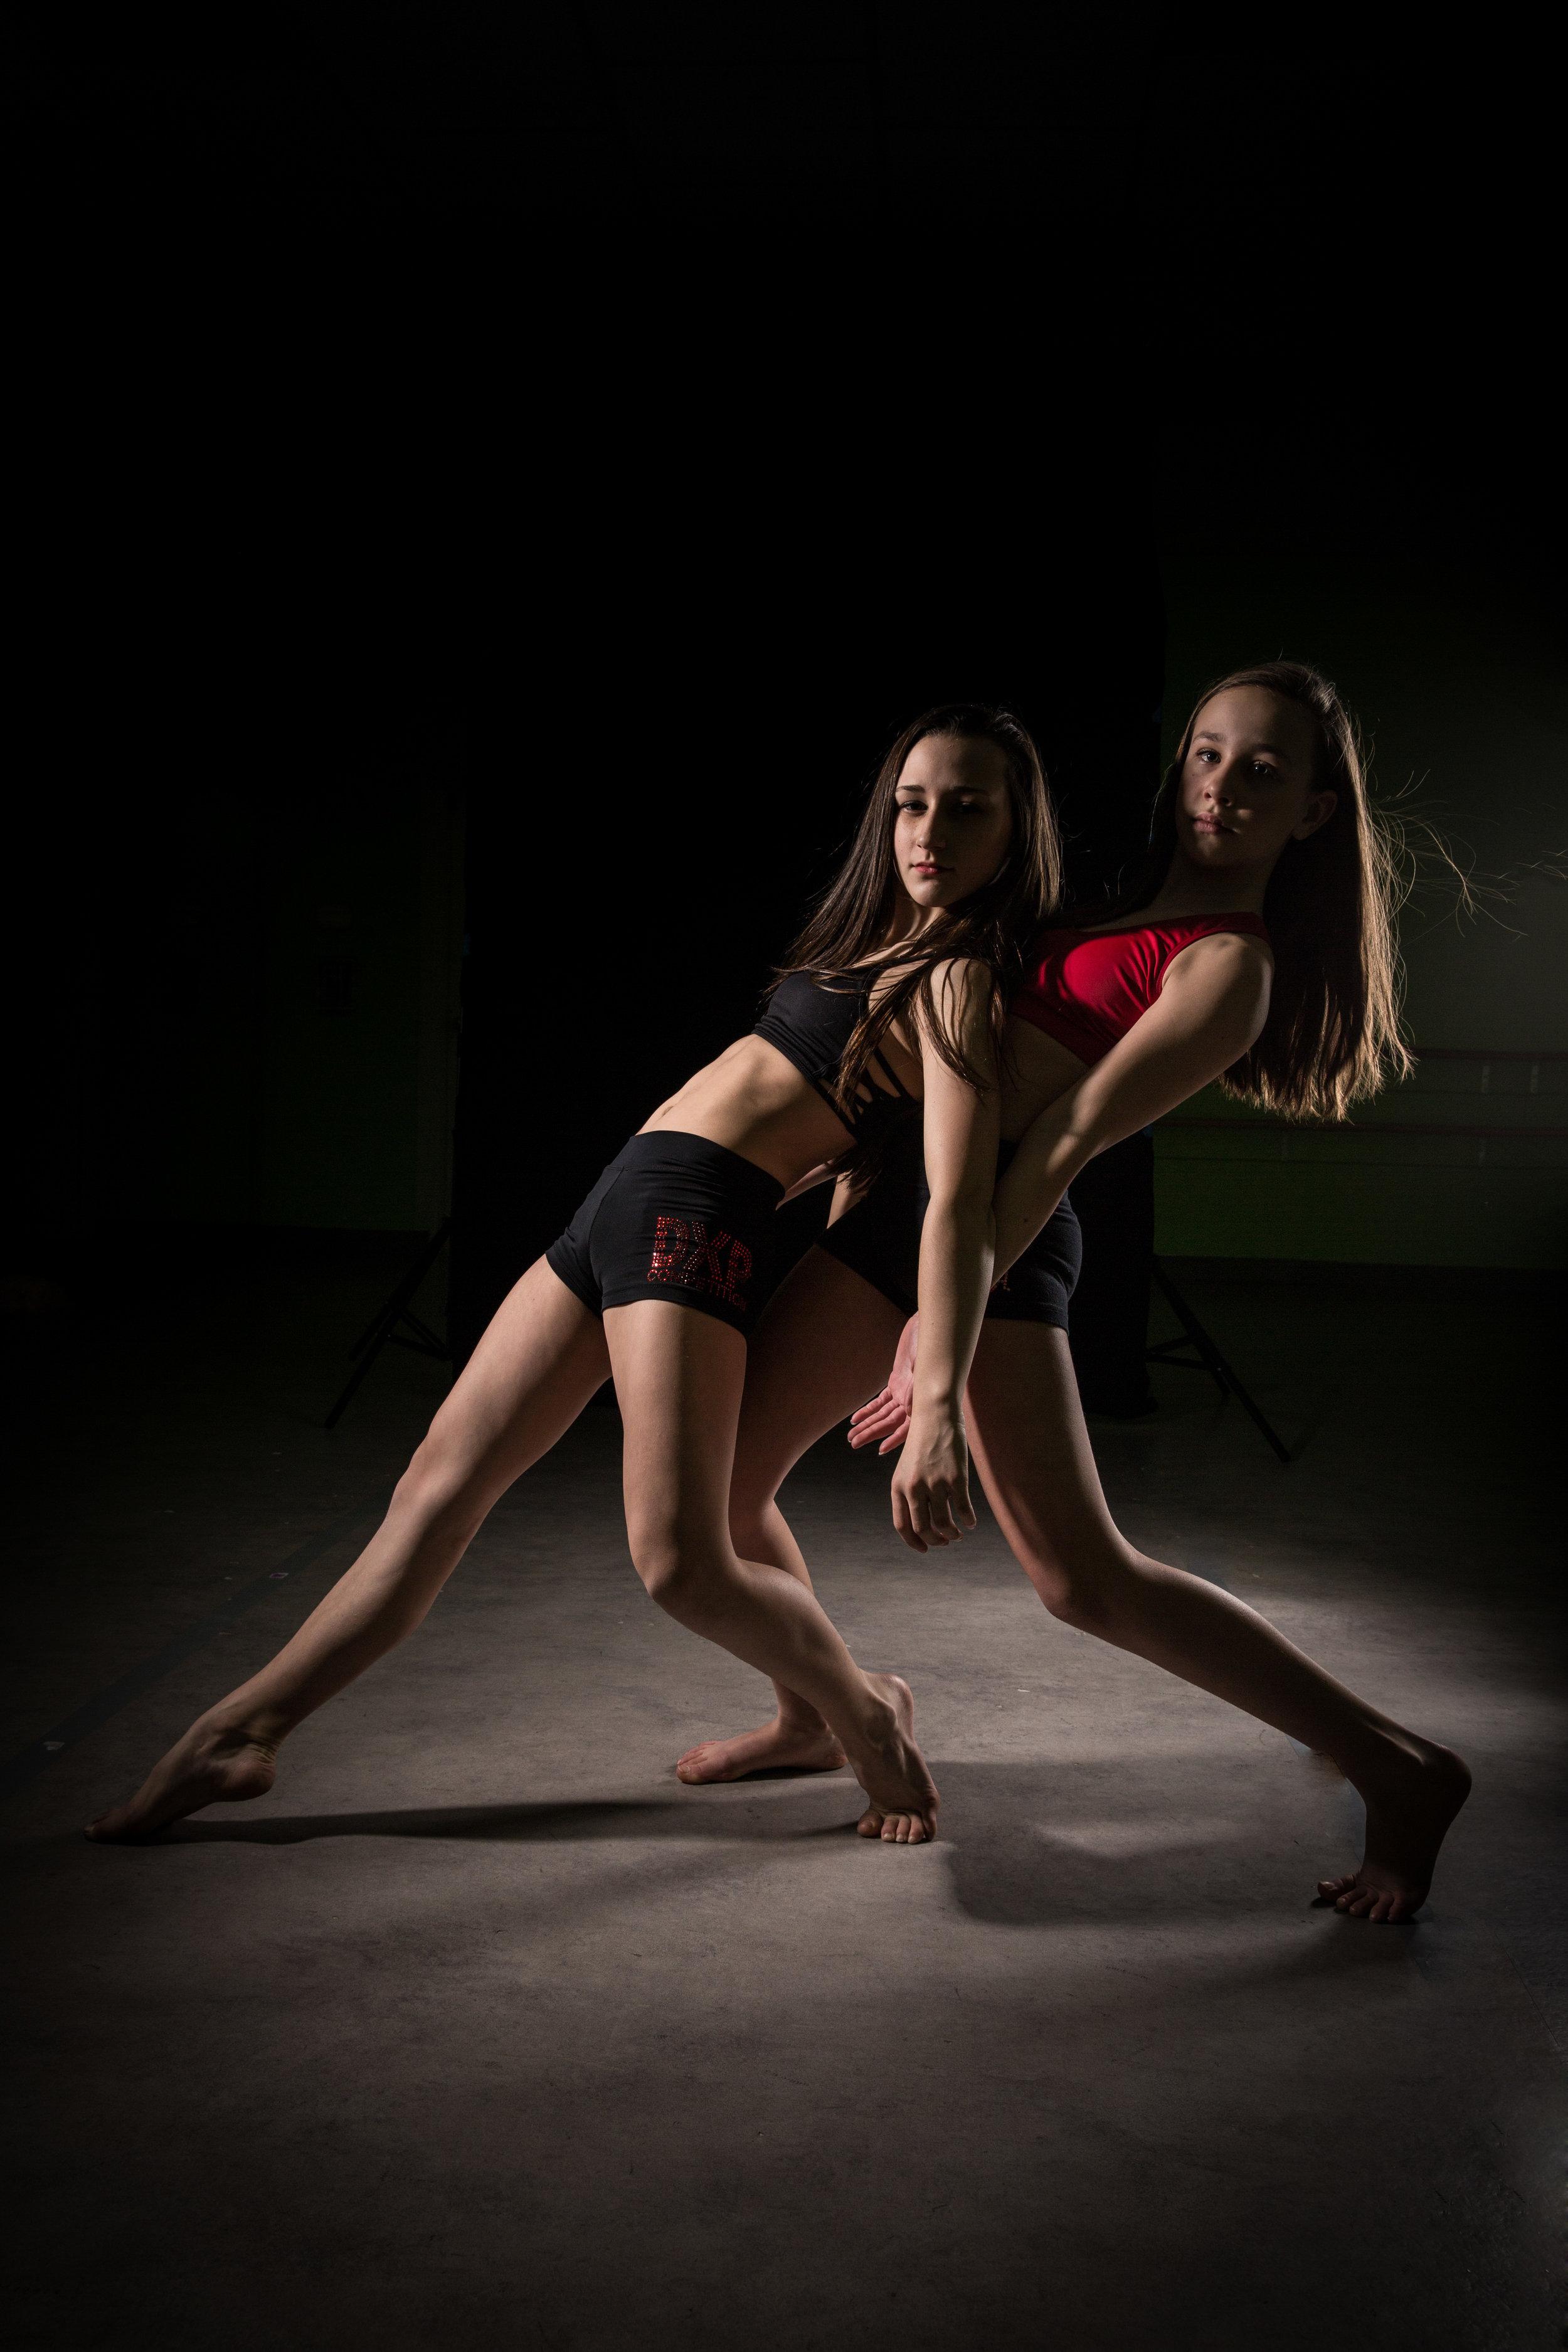 LR_Express_Dancer_Series-38.jpg